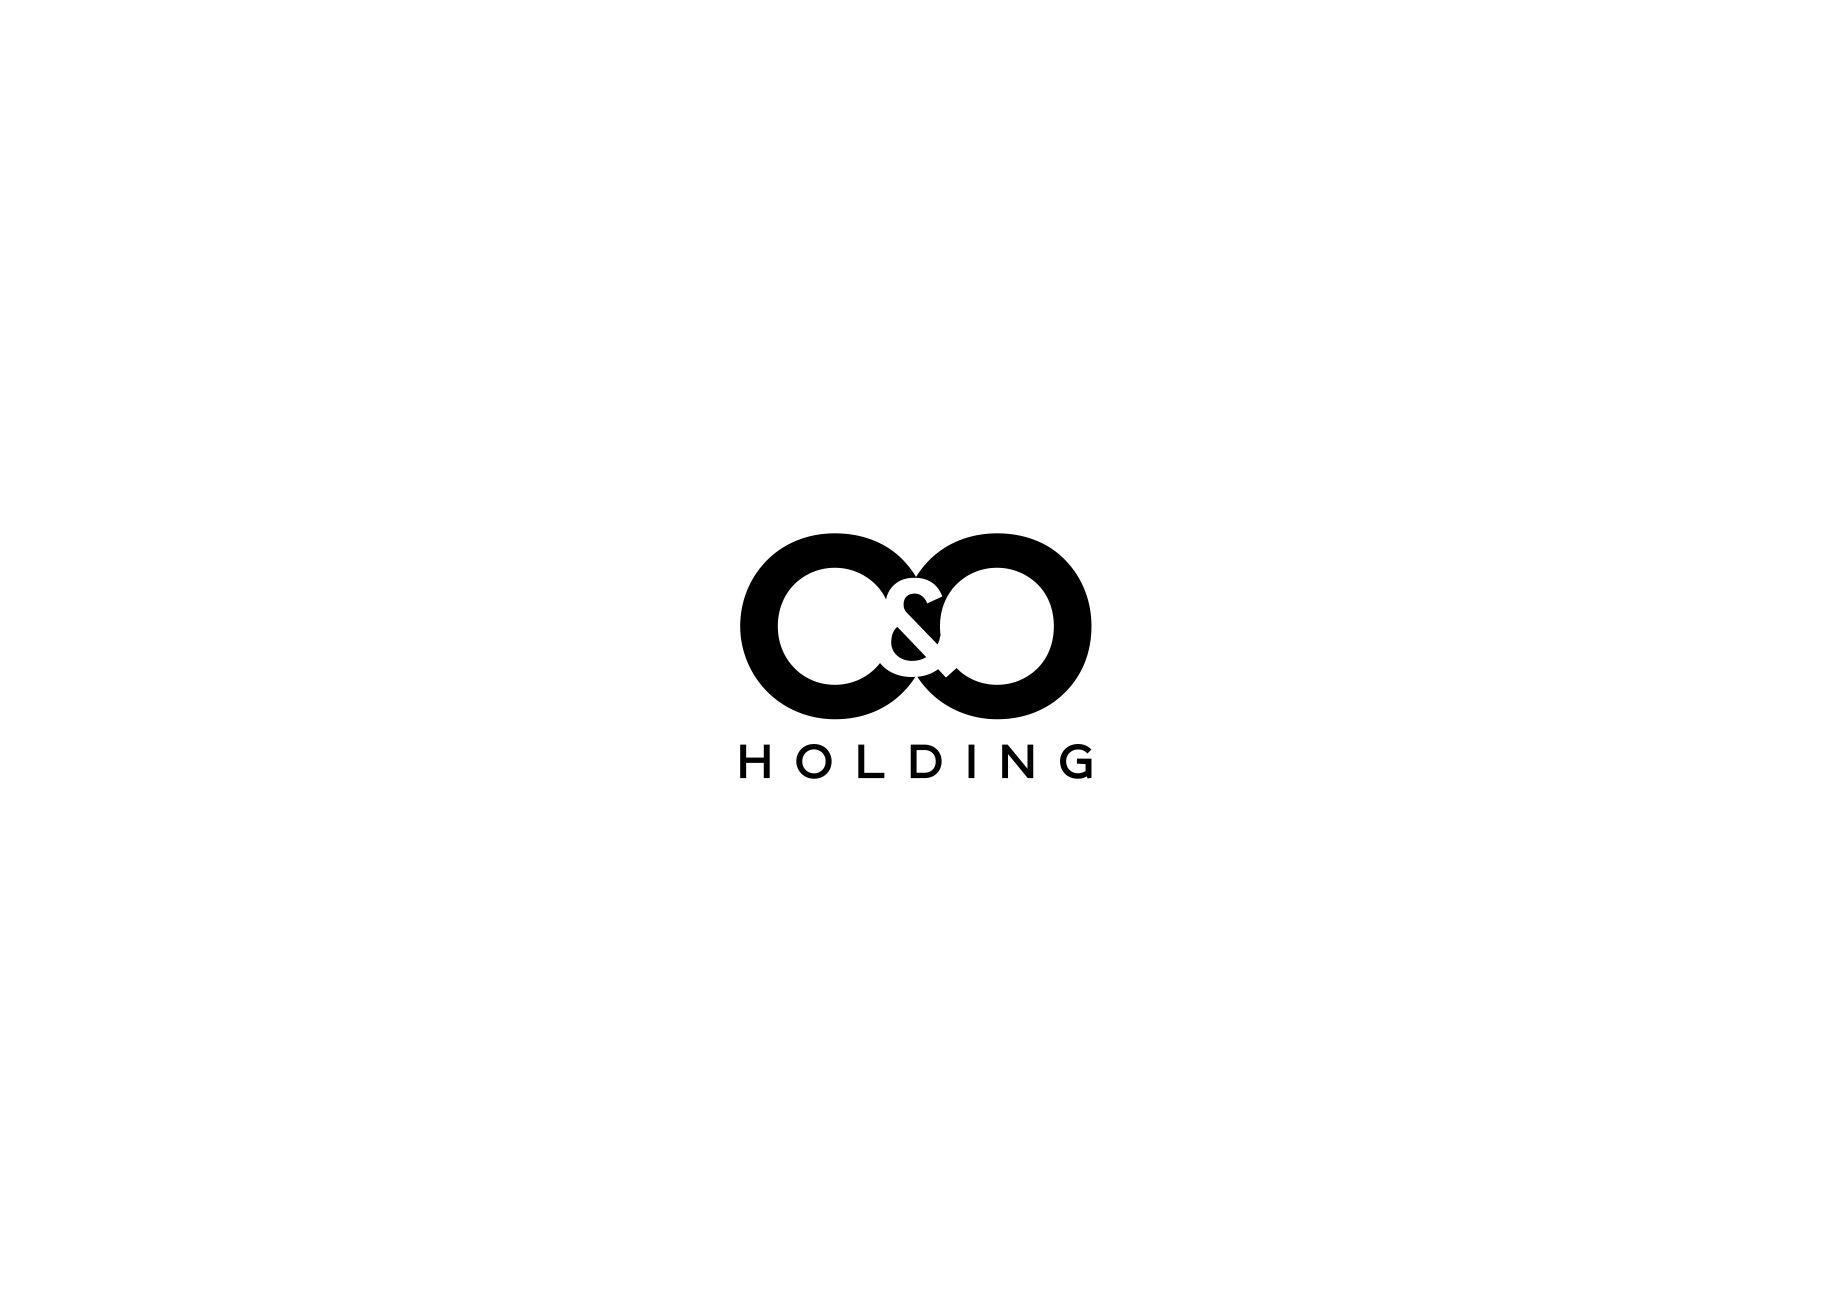 """Разработка Логотипа +  Фирменного знака для компании """"O & O HOLDING"""" фото f_0675c7aa8d9e8d91.jpg"""